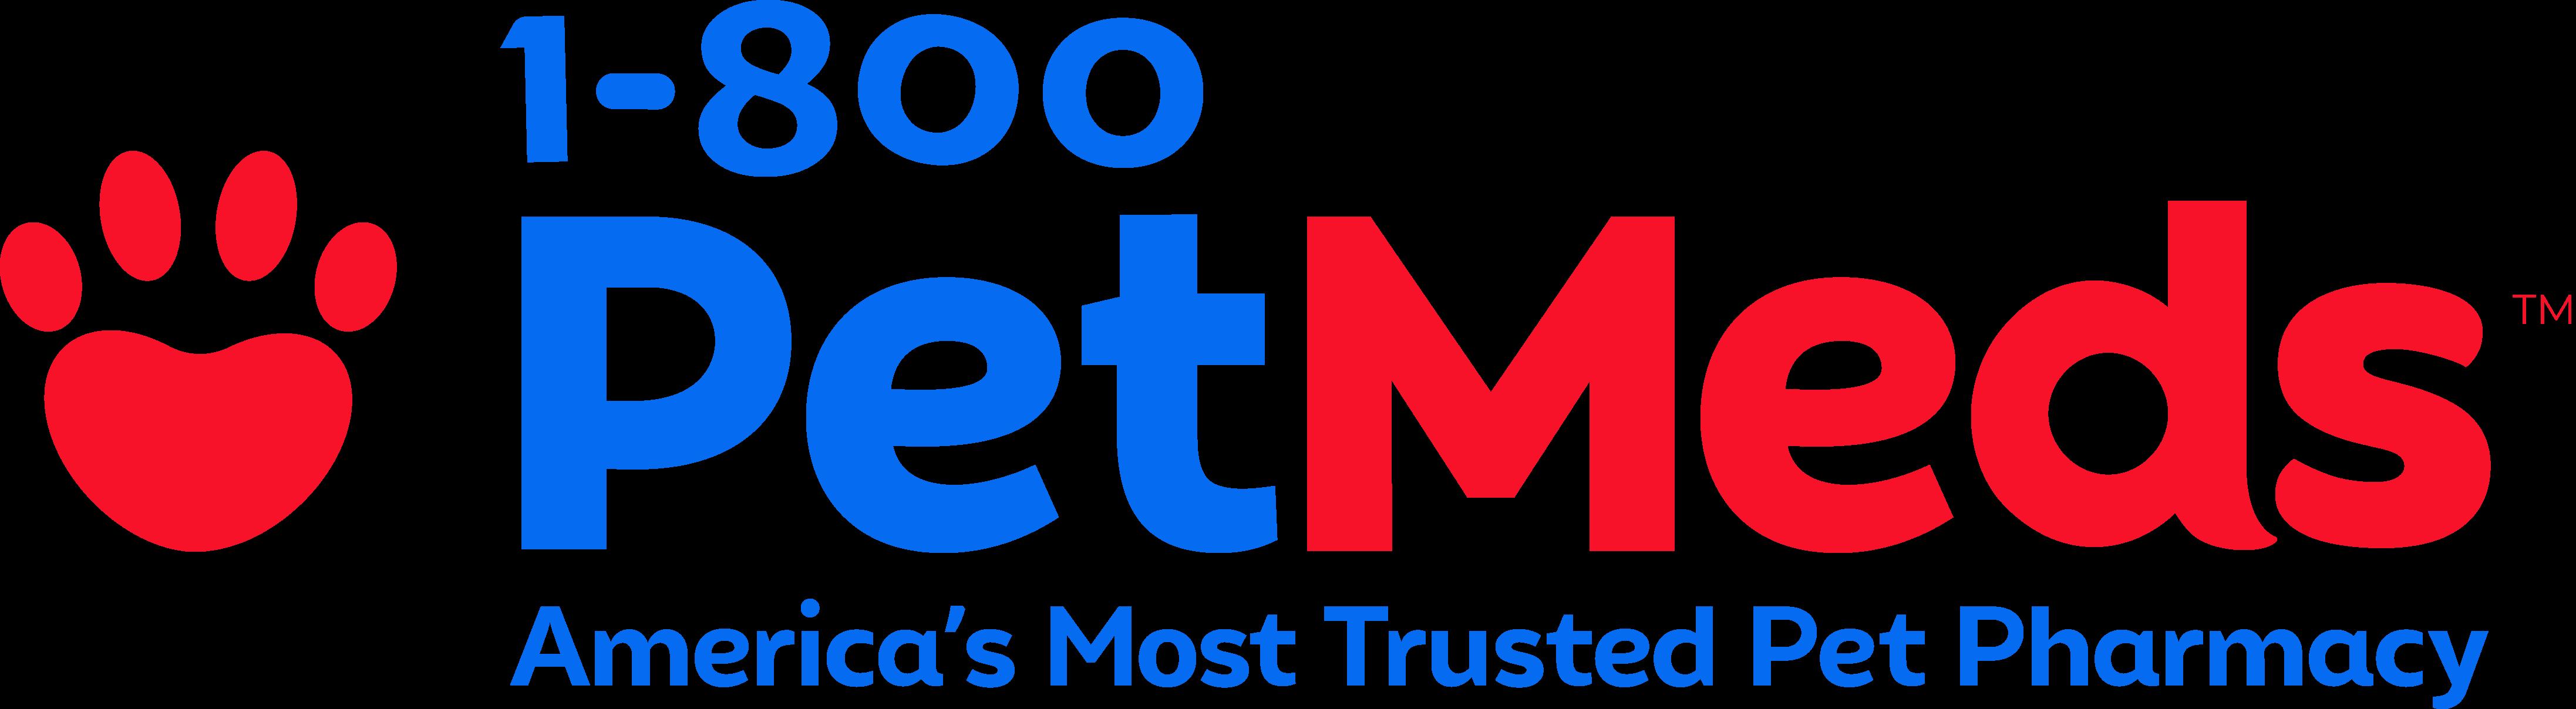 Pet Meds logo with Tagline TM